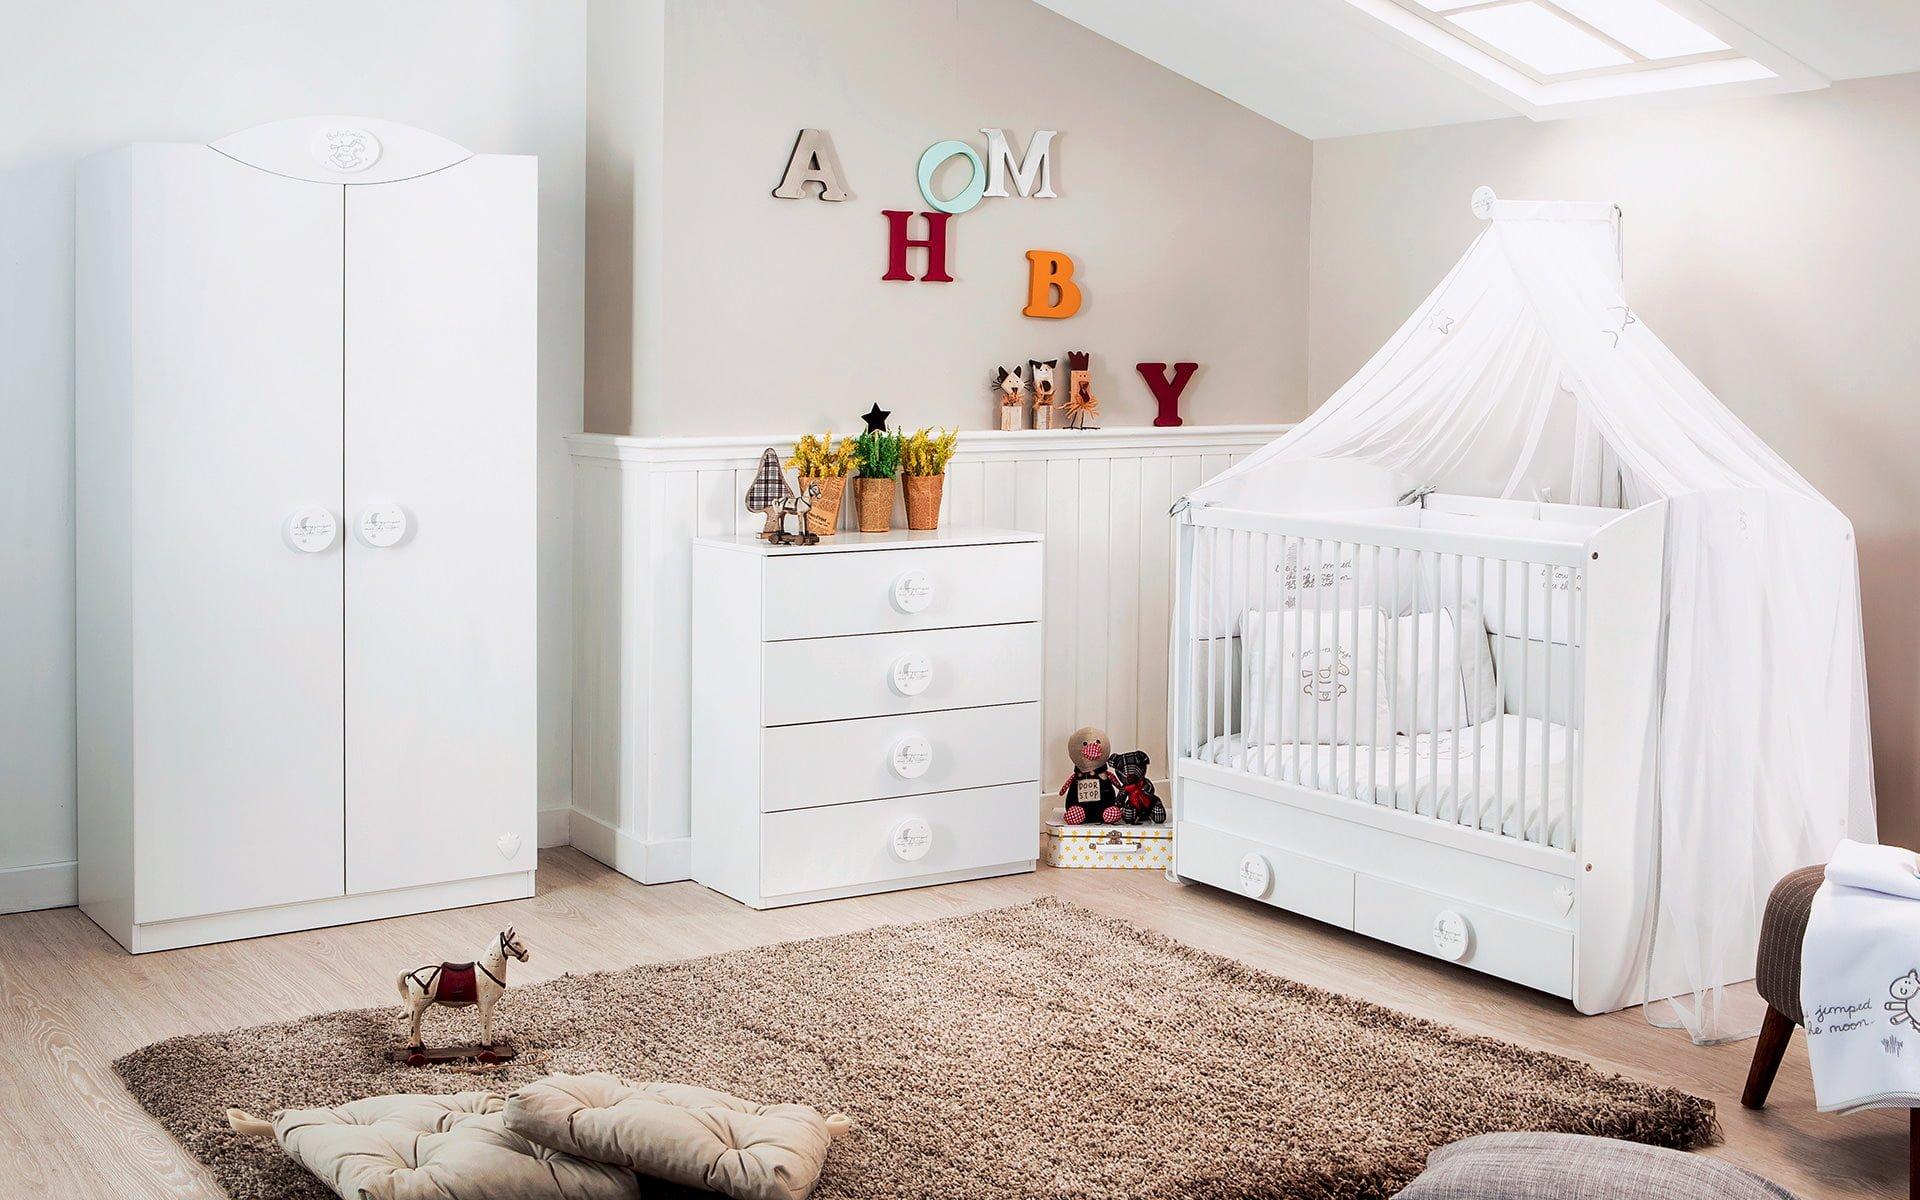 cilek-mobilya-Baby Cotton-beyaz-bebek-odasi Çilek mobilya 2015 bebek odası tasarımları